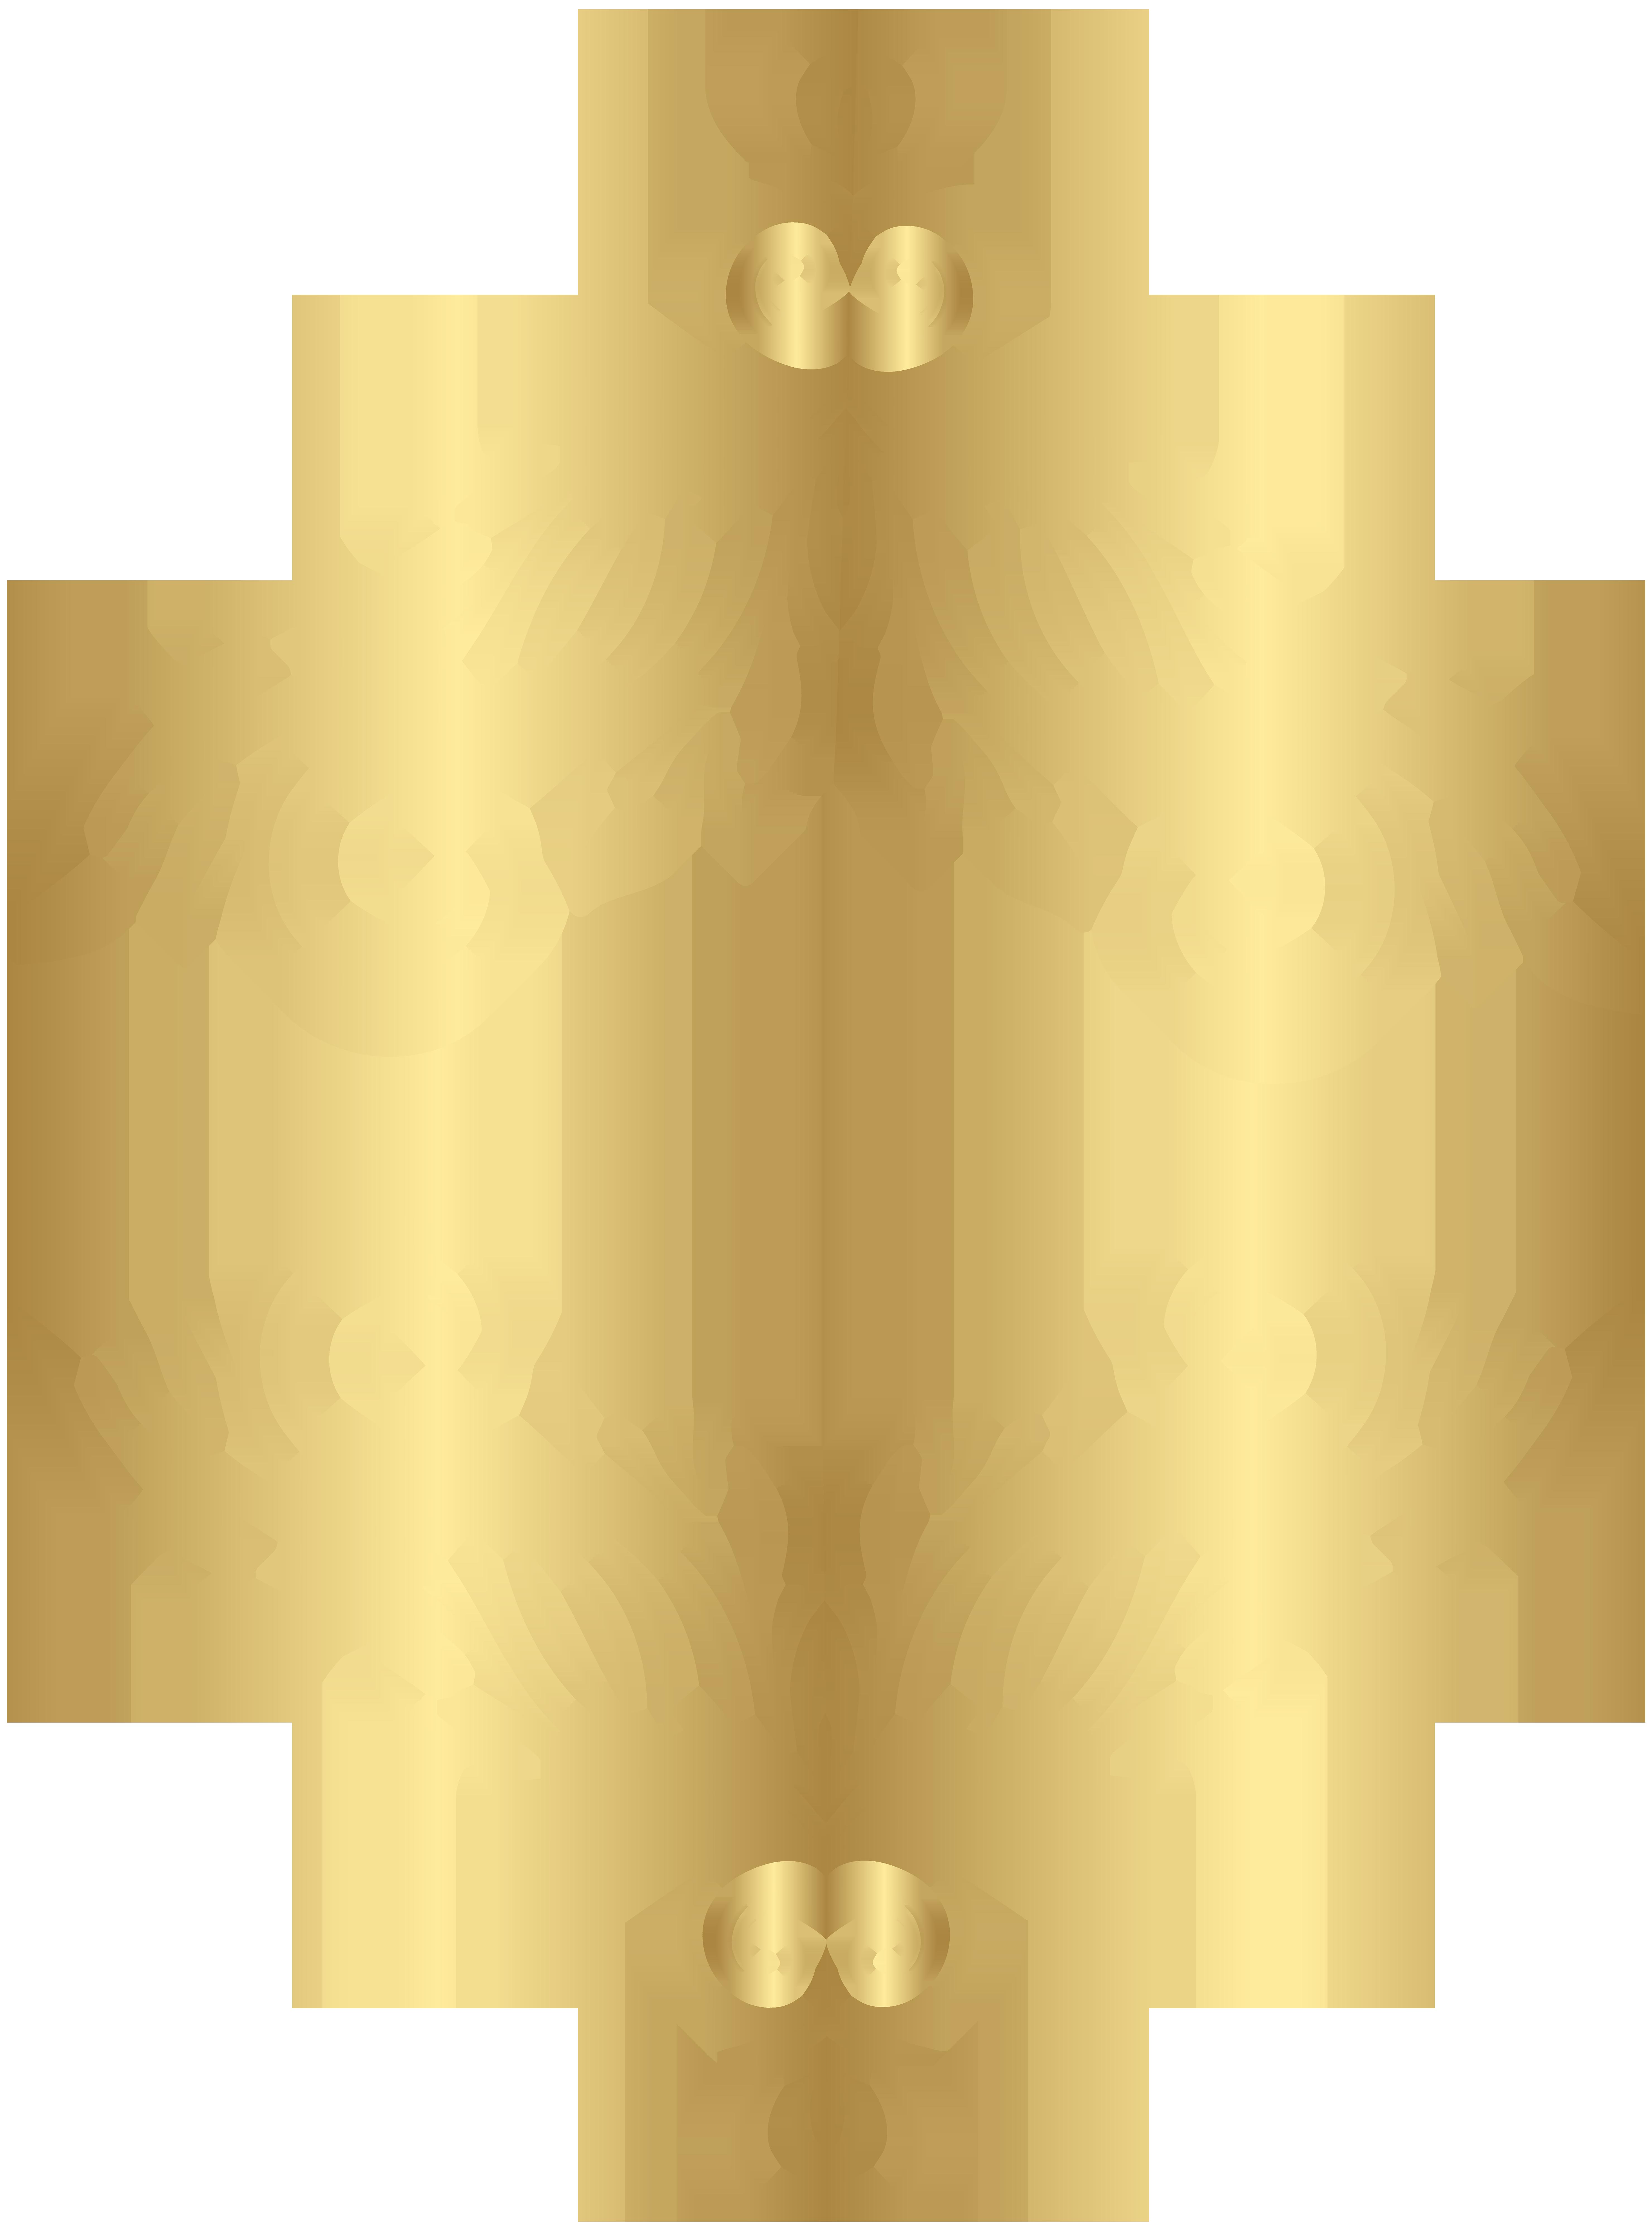 Ornament clipart line art. Gold ornaments png clip